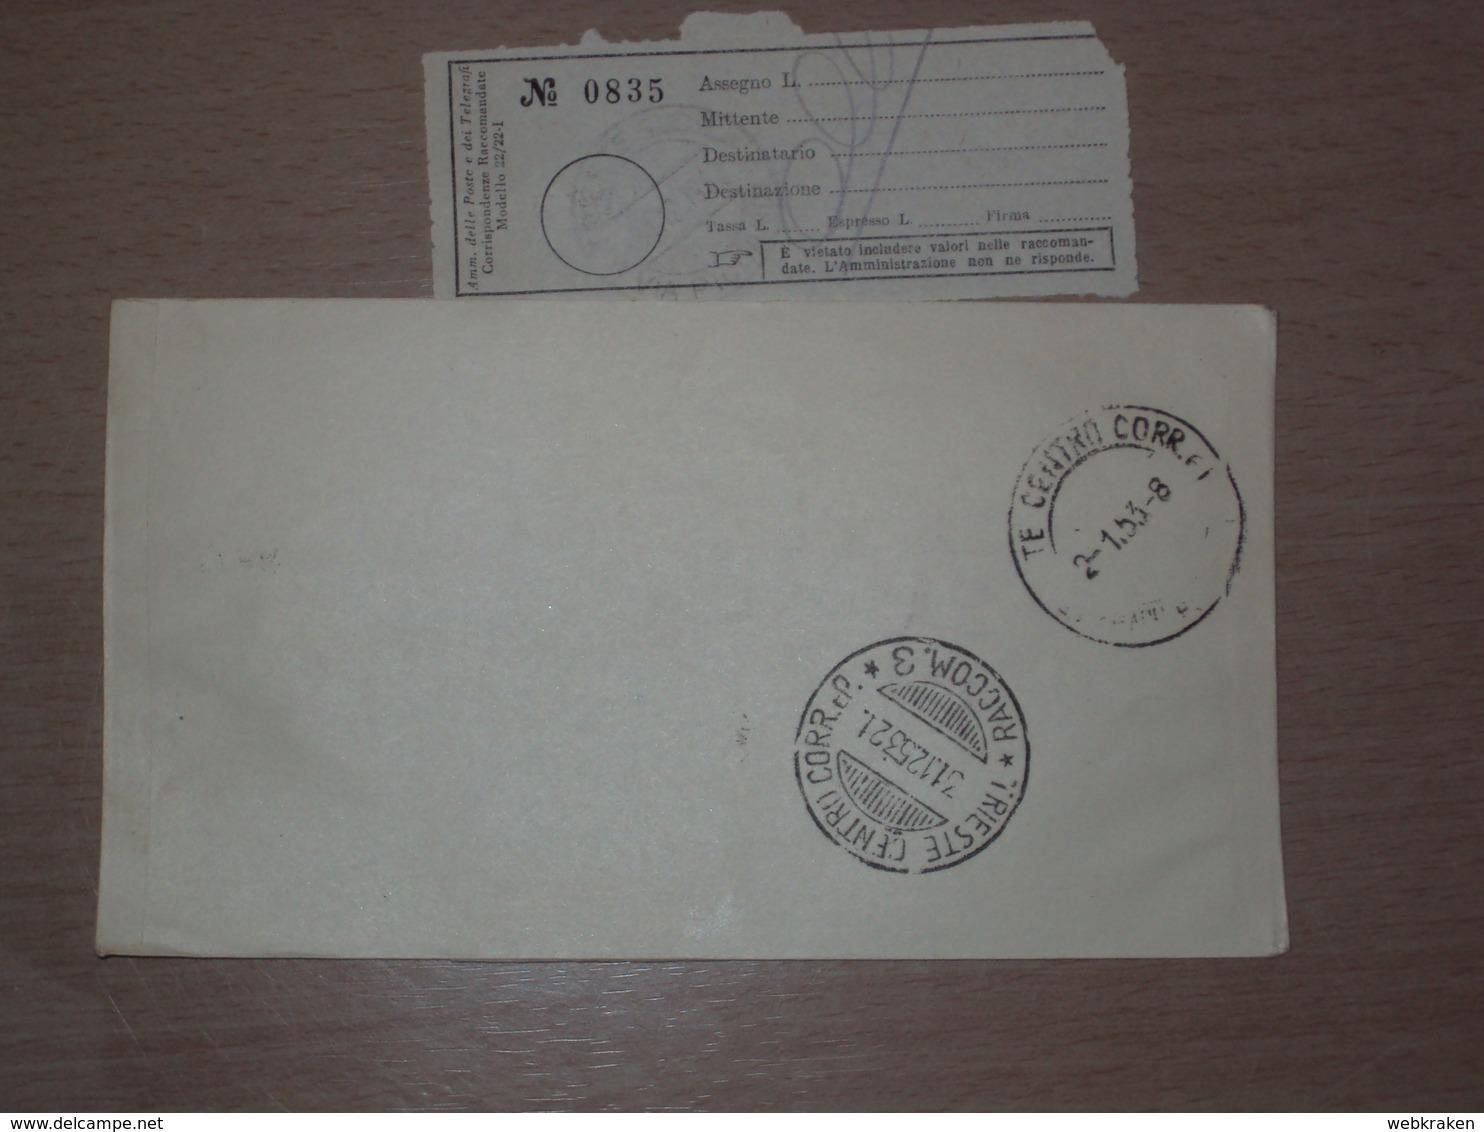 TRIESTE AMG-FTT AMG FTT ITALIA BUSTA PRIMO GIORNO FDC F.D.C. RACCOMANDATA REALMENTE VIAGGIATA 1952 LEONARDO DA VINCI - 7. Trieste